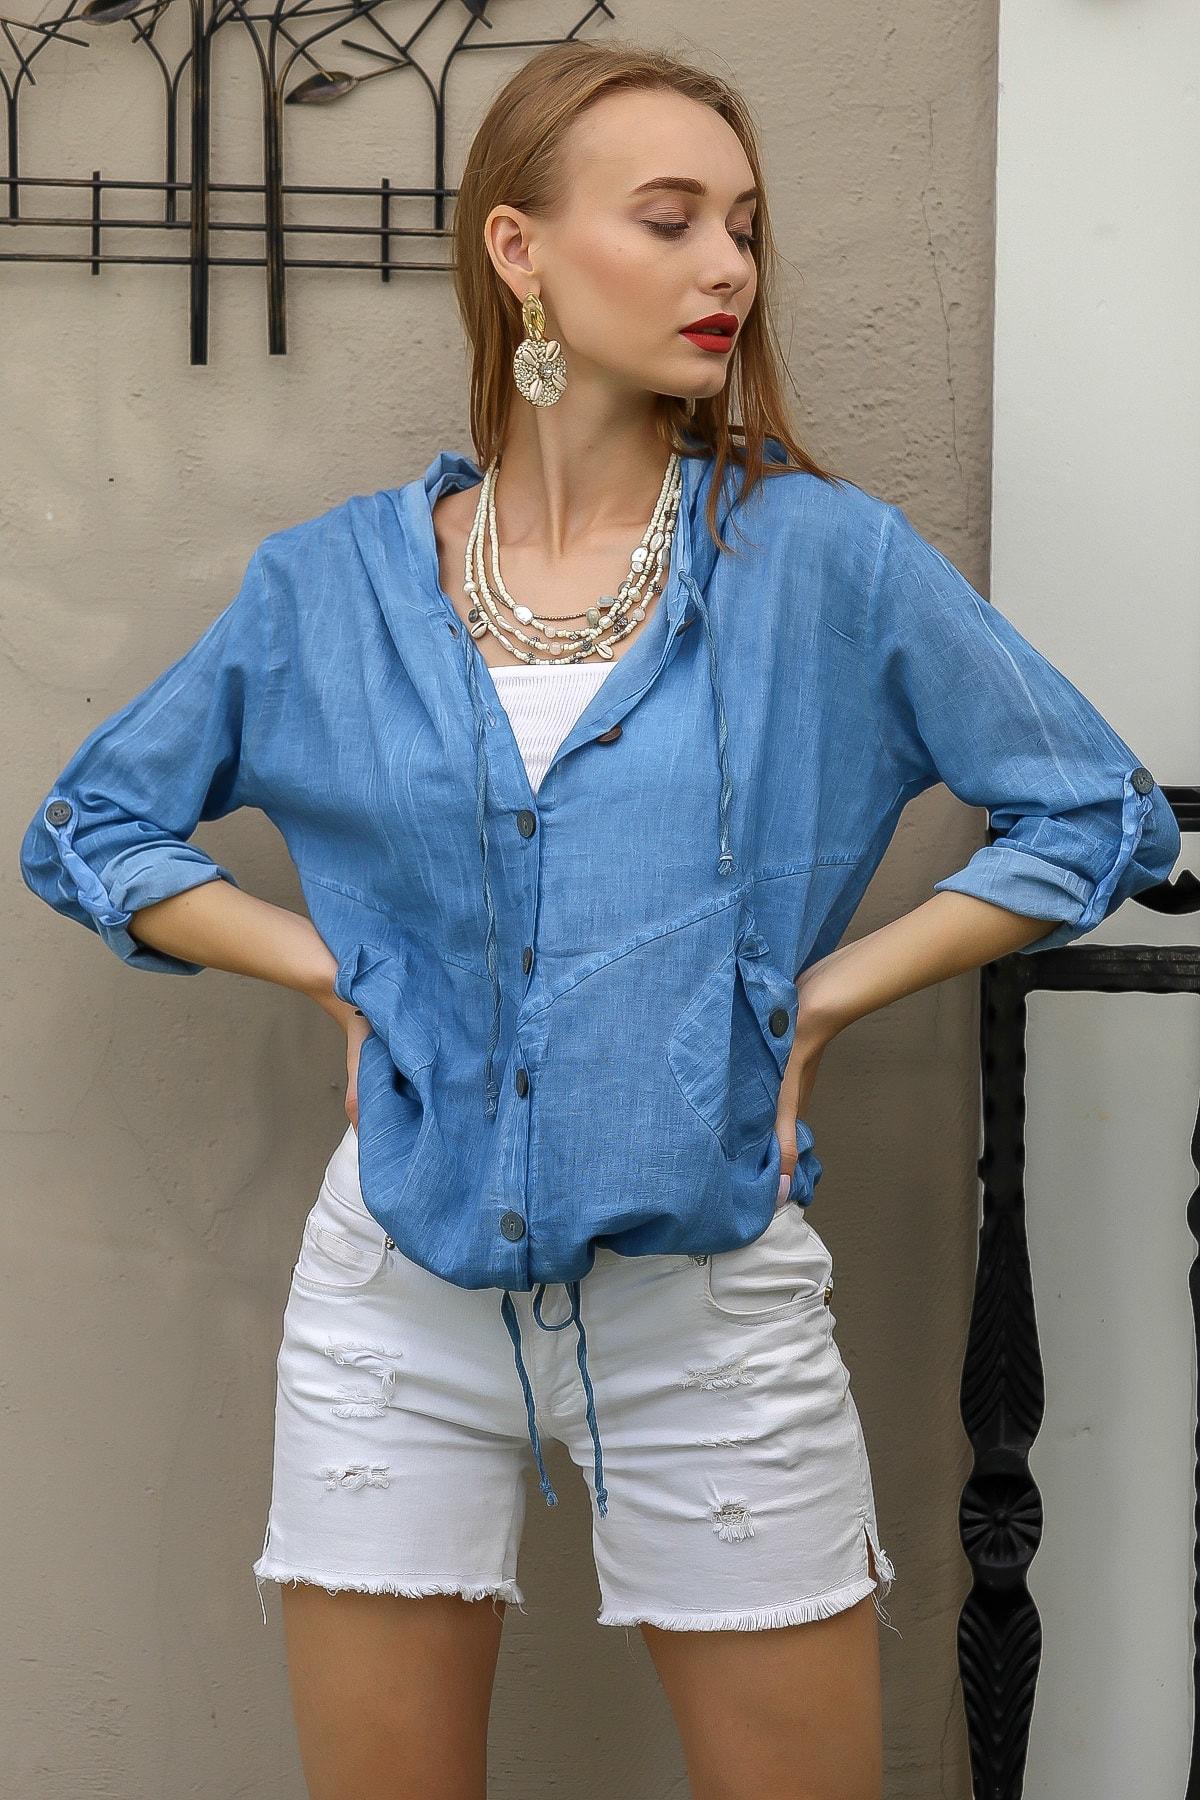 Chiccy Kadın Mavi Casual Kapüşonlu Düğmeli Beli Ip Detaylı Büzgülü Yıkmalı Ceket M10210100Ce99339 0